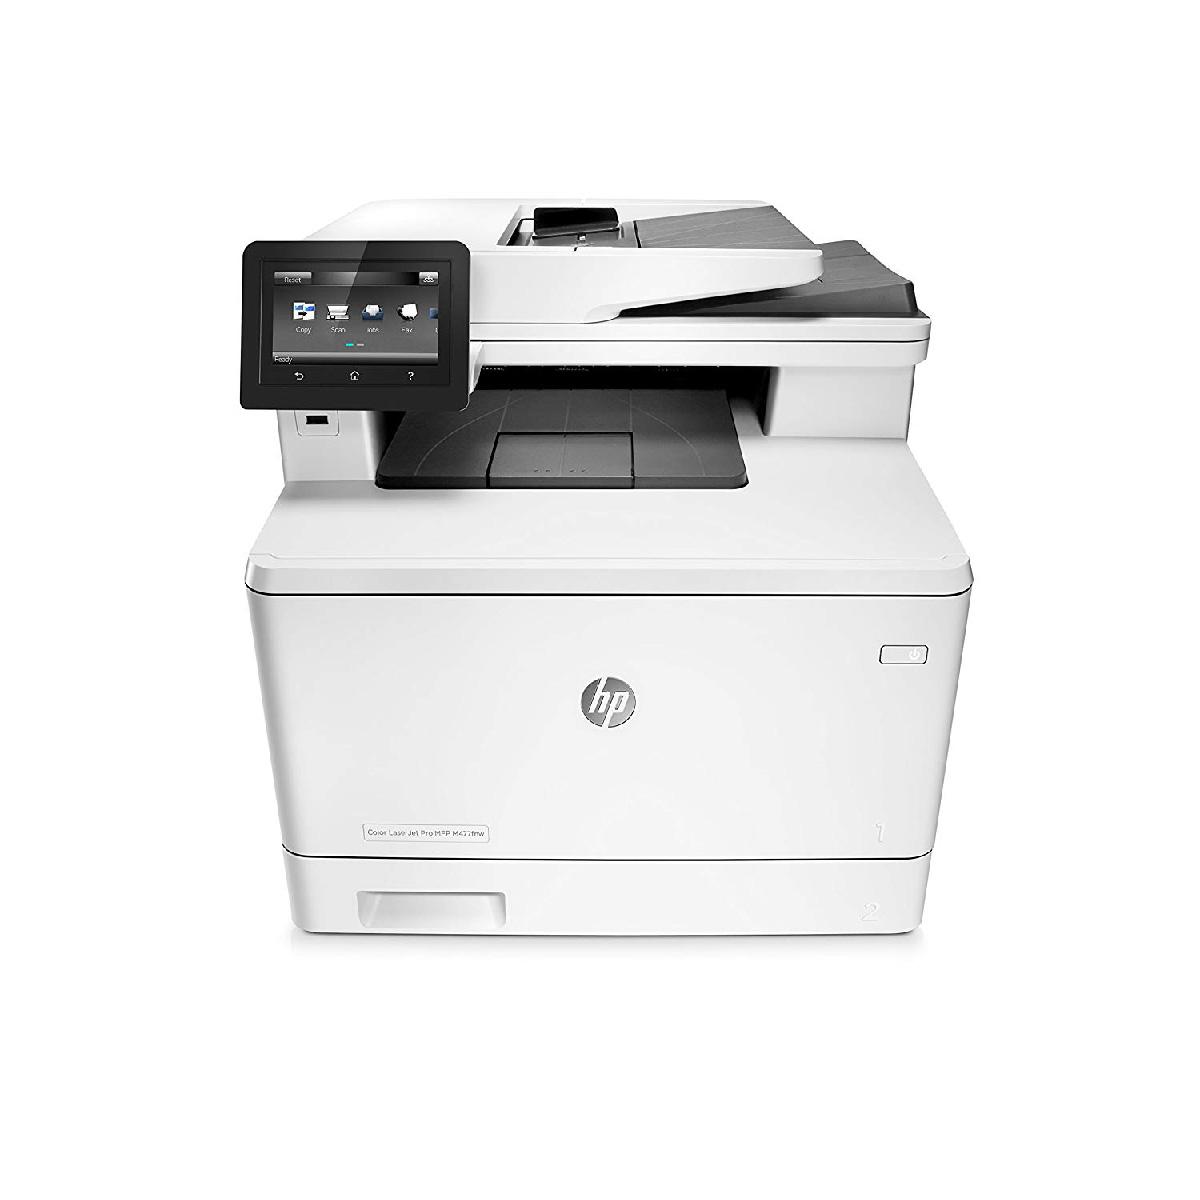 HP M477.jpg